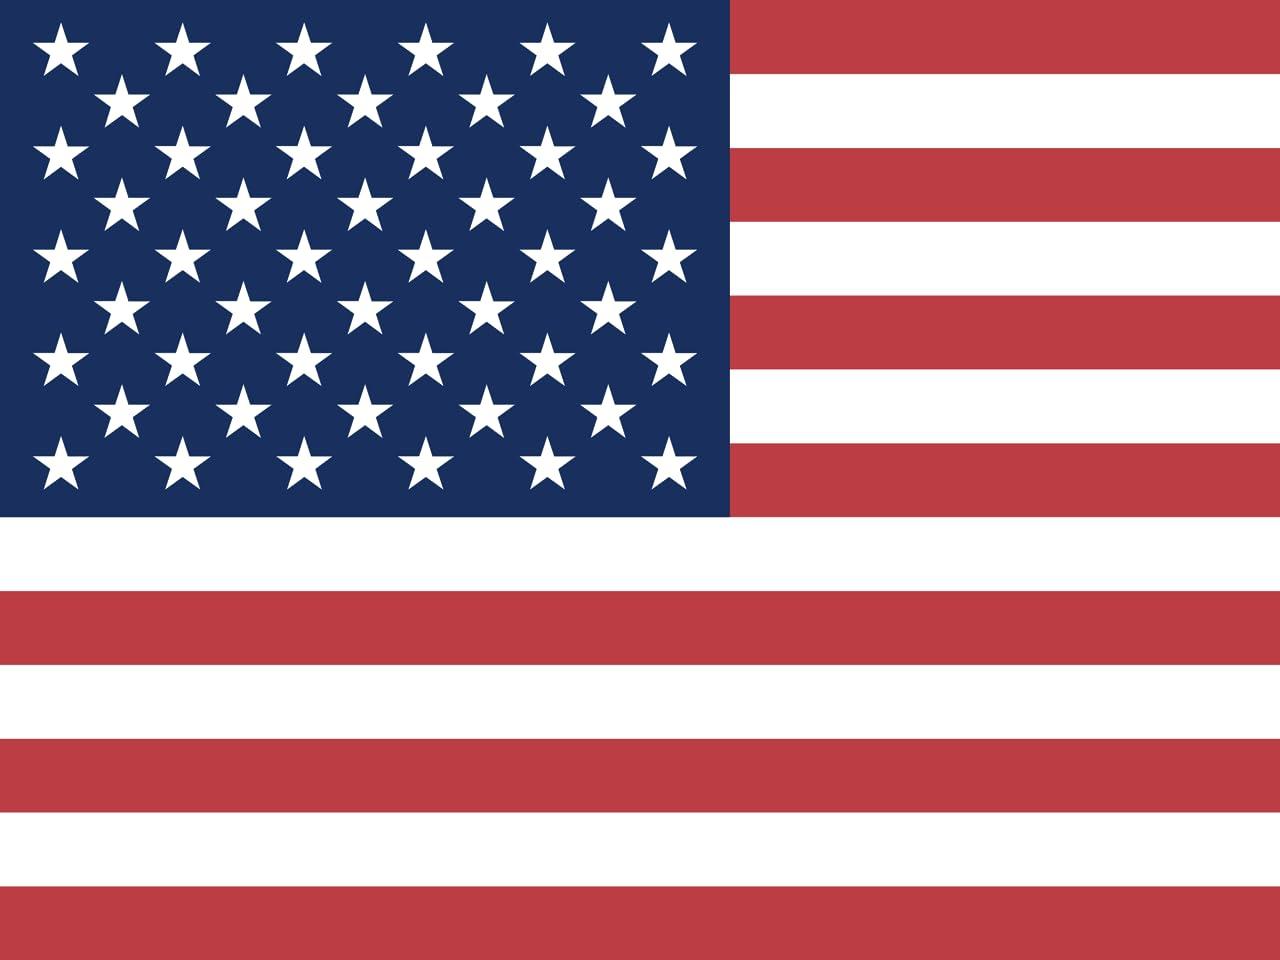 Verkaufen bei Amazon Vereinigte Staaten von Amerika